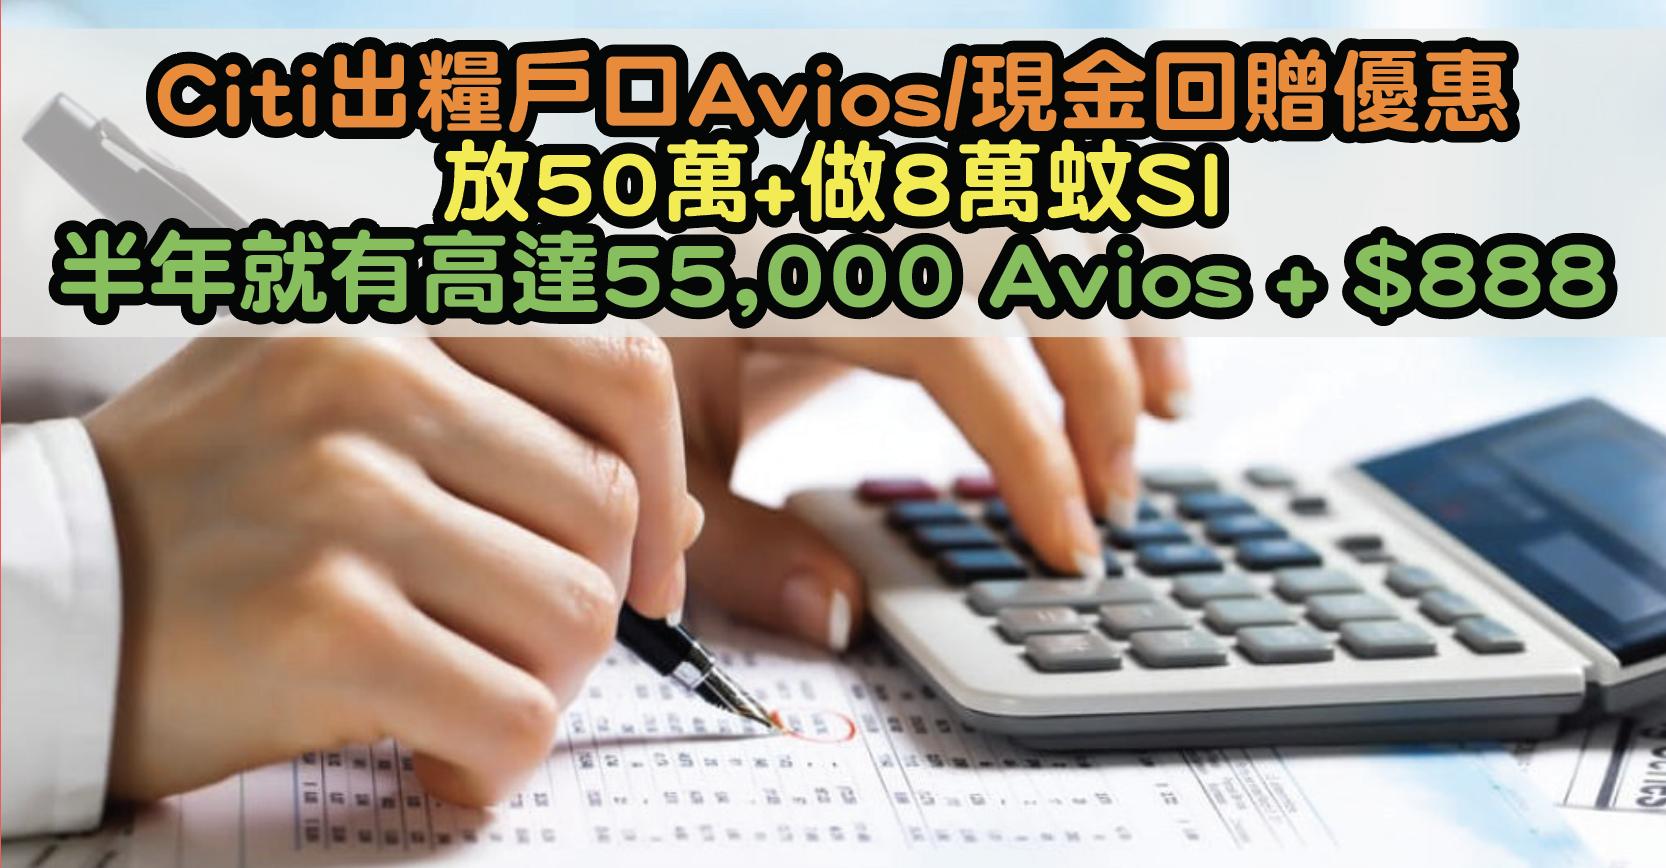 Citi出糧戶口Avios/現金回贈優惠!放50萬+做8萬蚊SI,半年就有高達55,000 Avios + $888 或 $5,088!換你去兩轉日本啦!